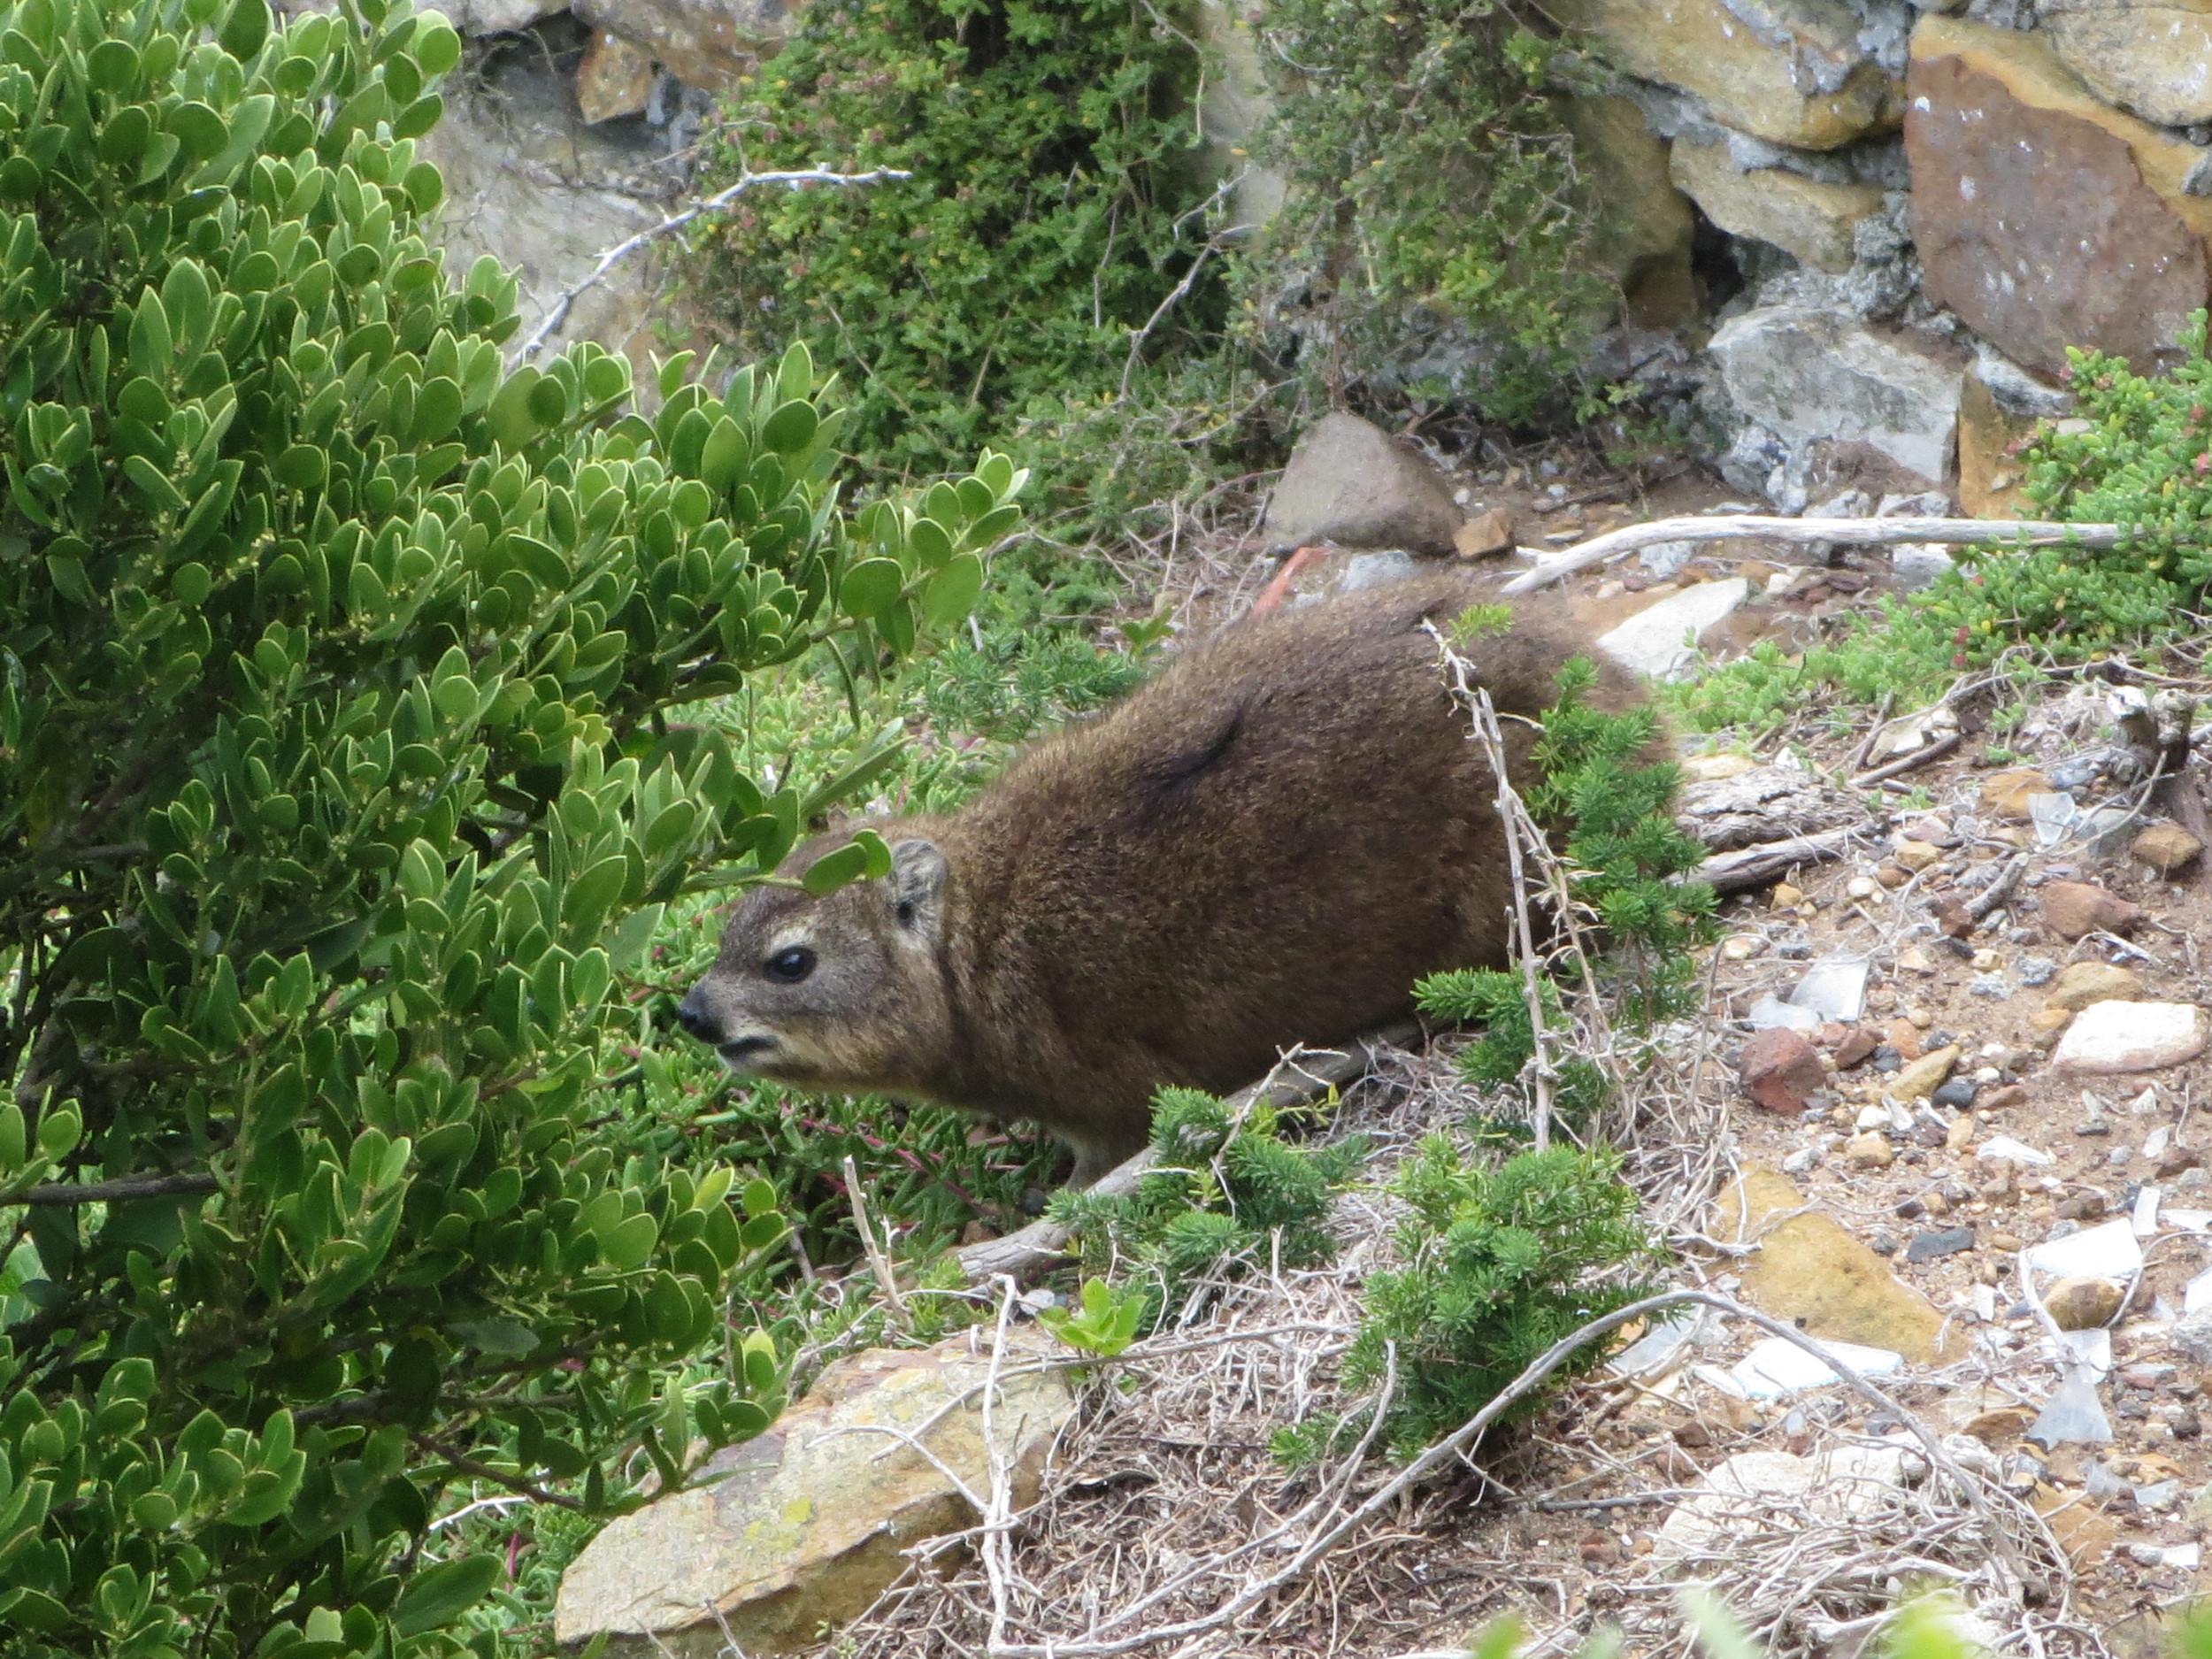 Some strange animal that Kristinn spotted